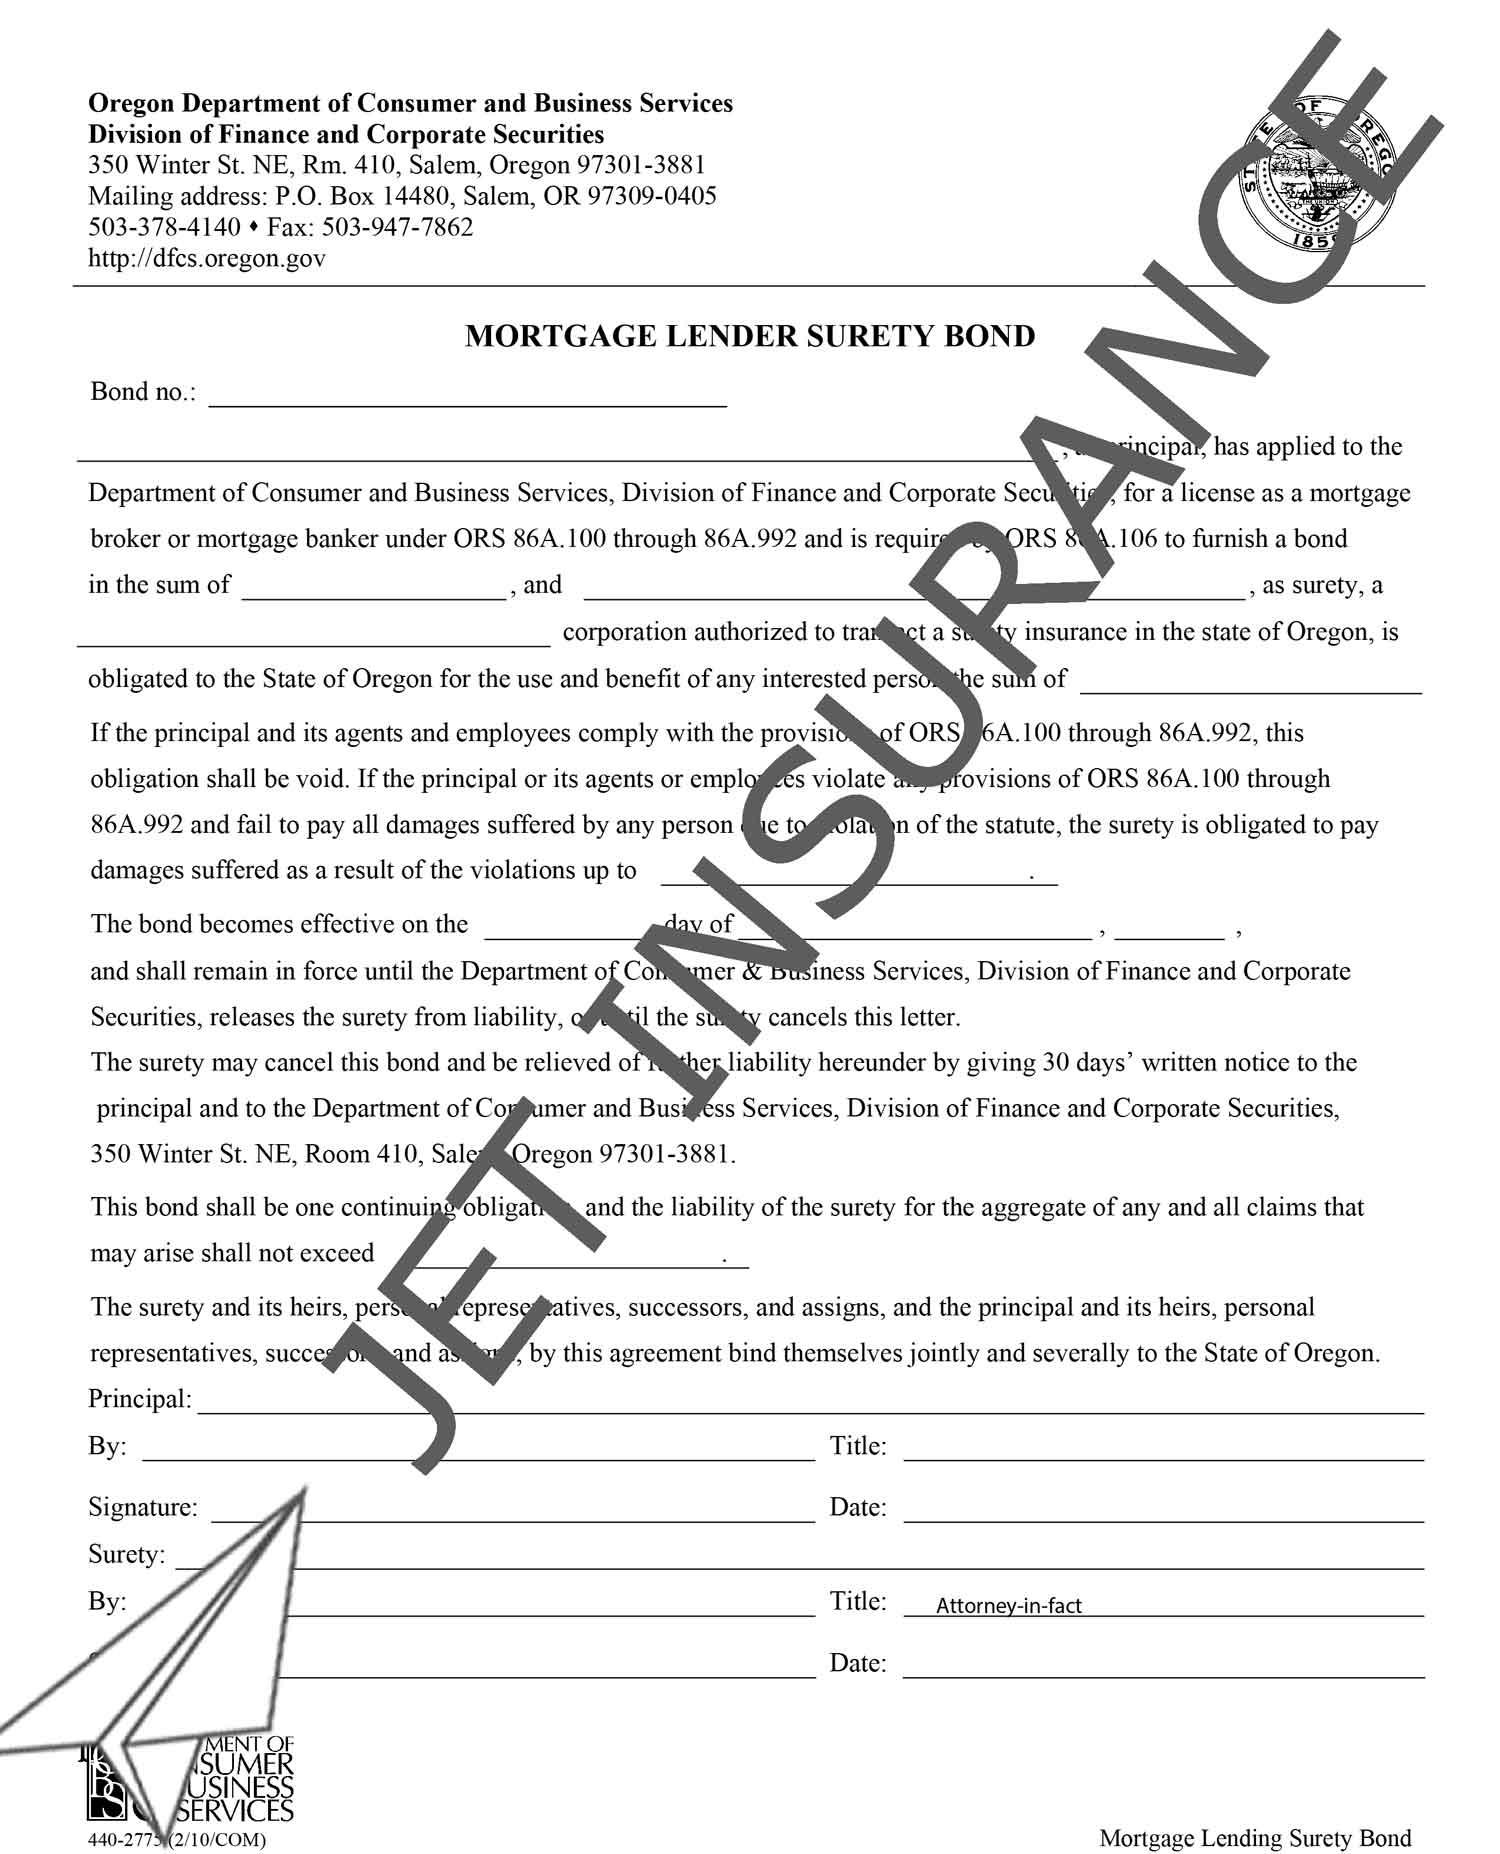 Oregon Mortgage Lender Bond Form